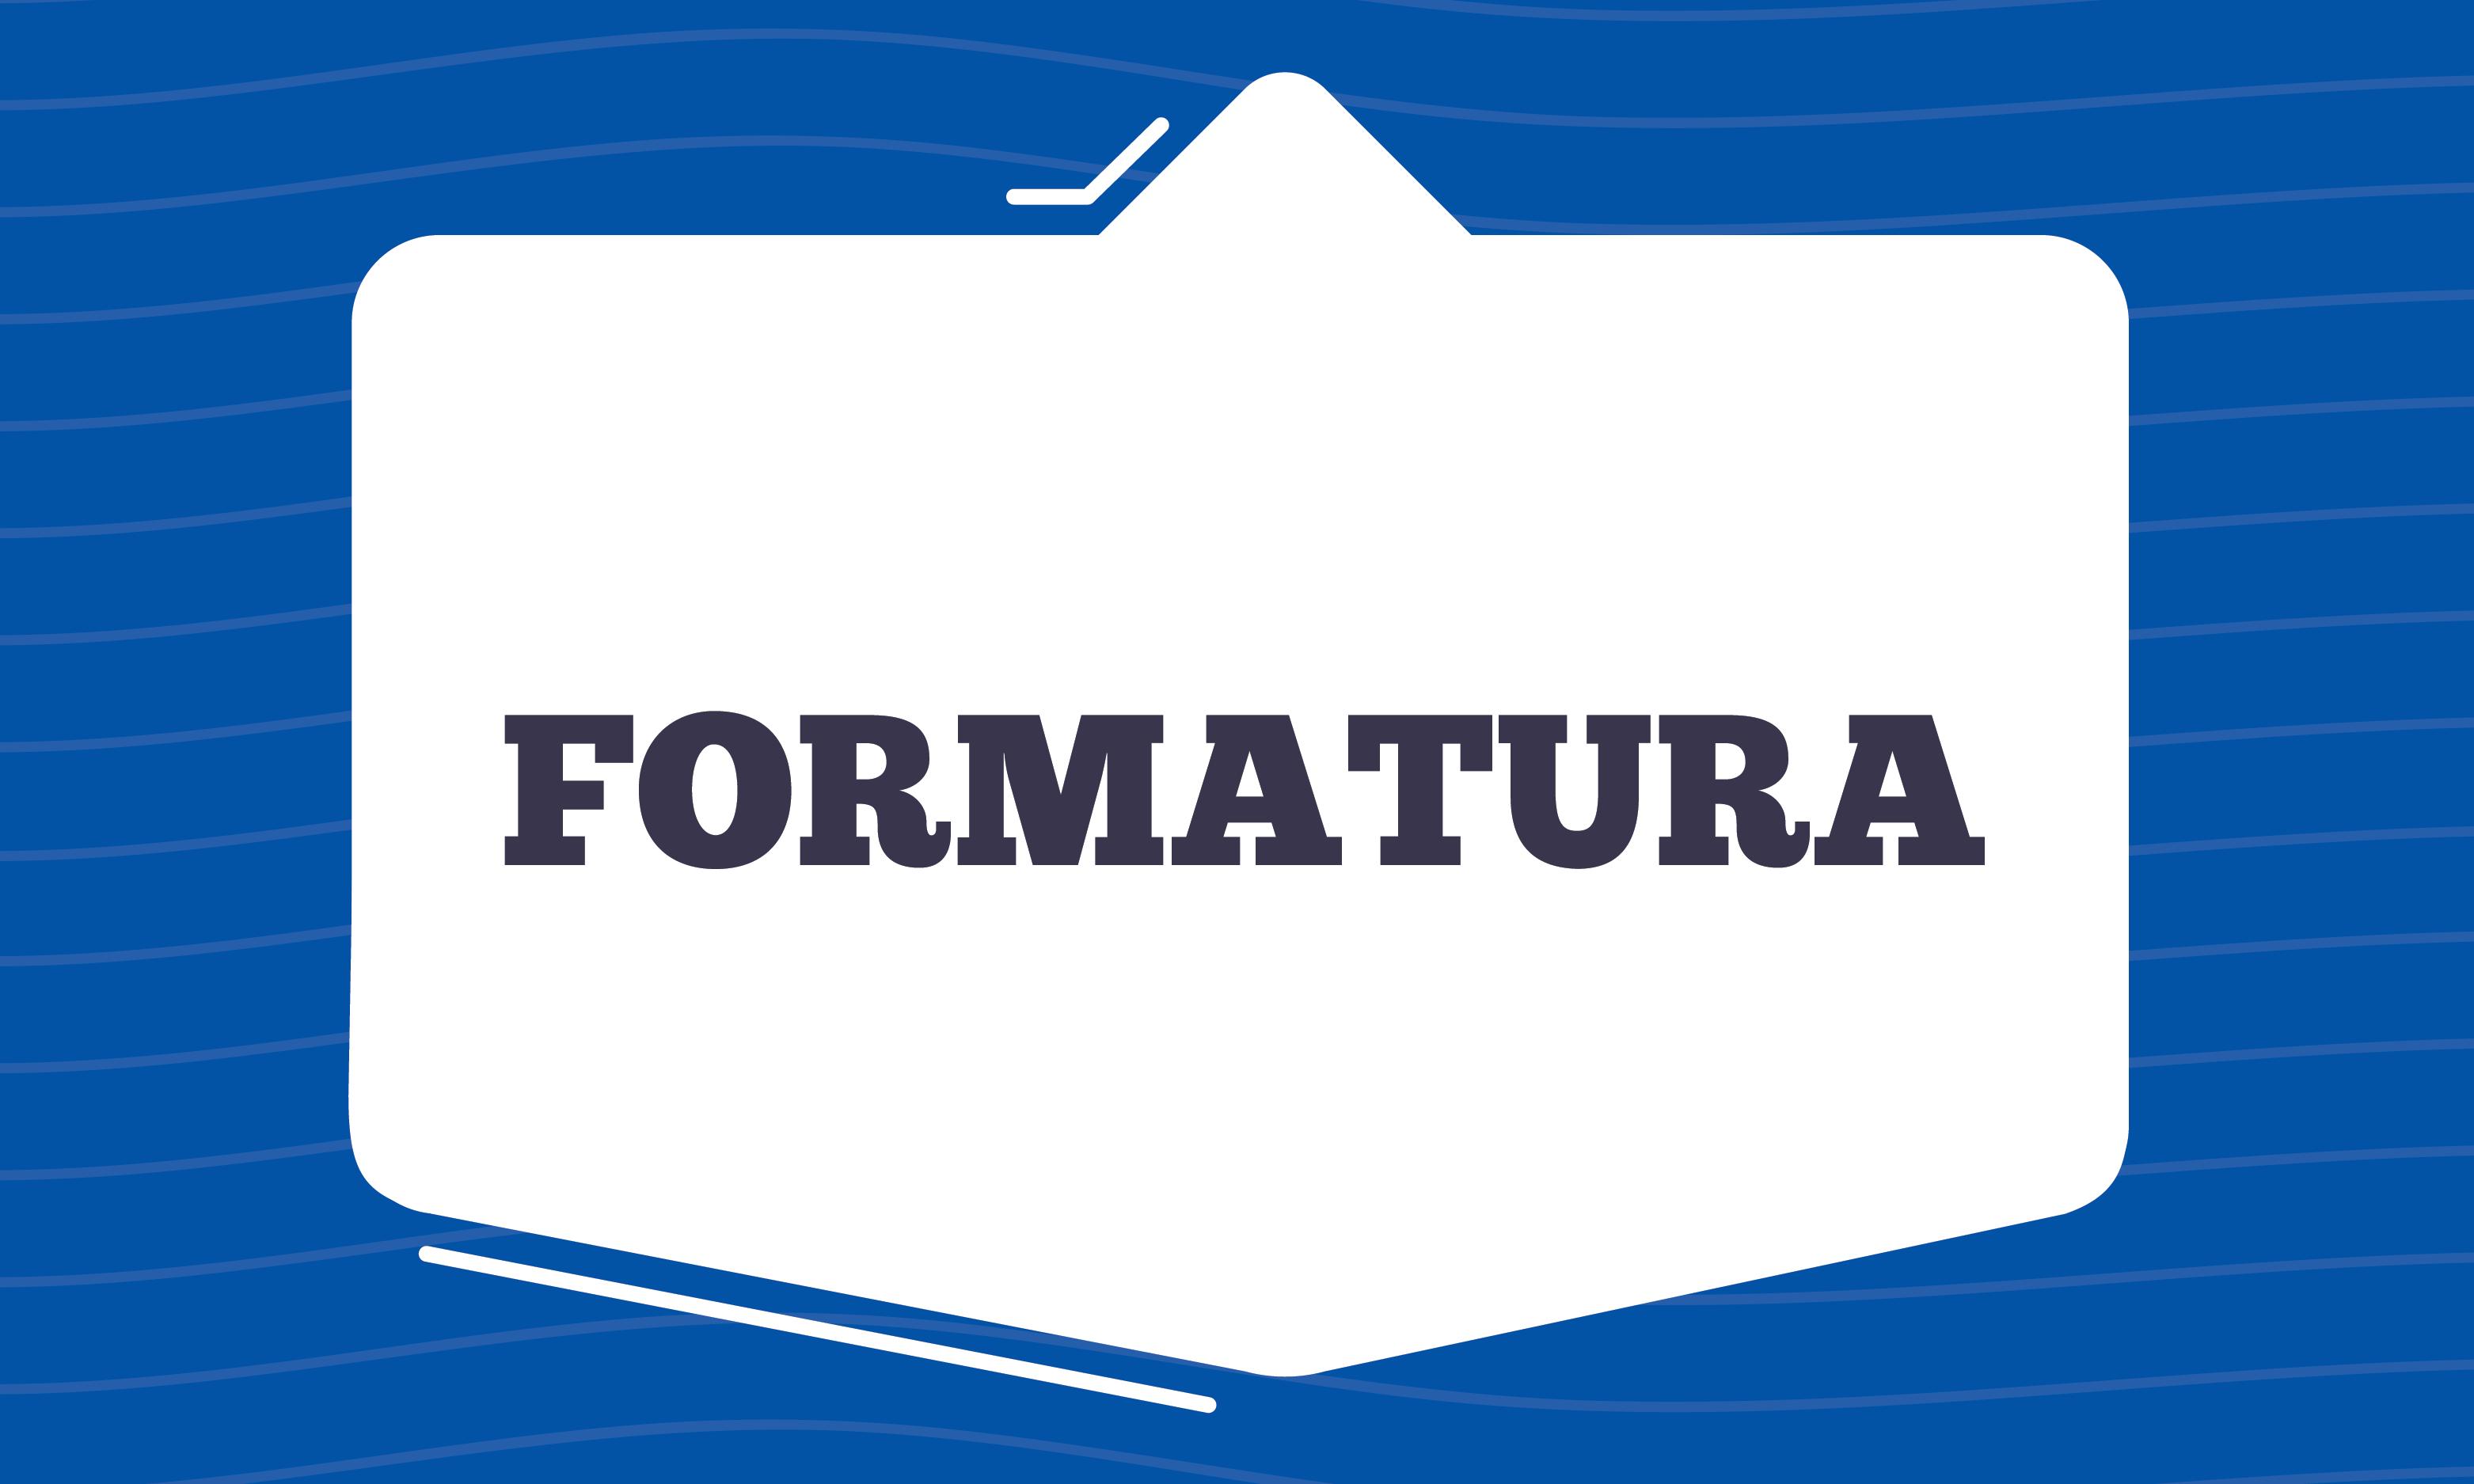 Valmor Artesanato Joinville ~ Formatura png